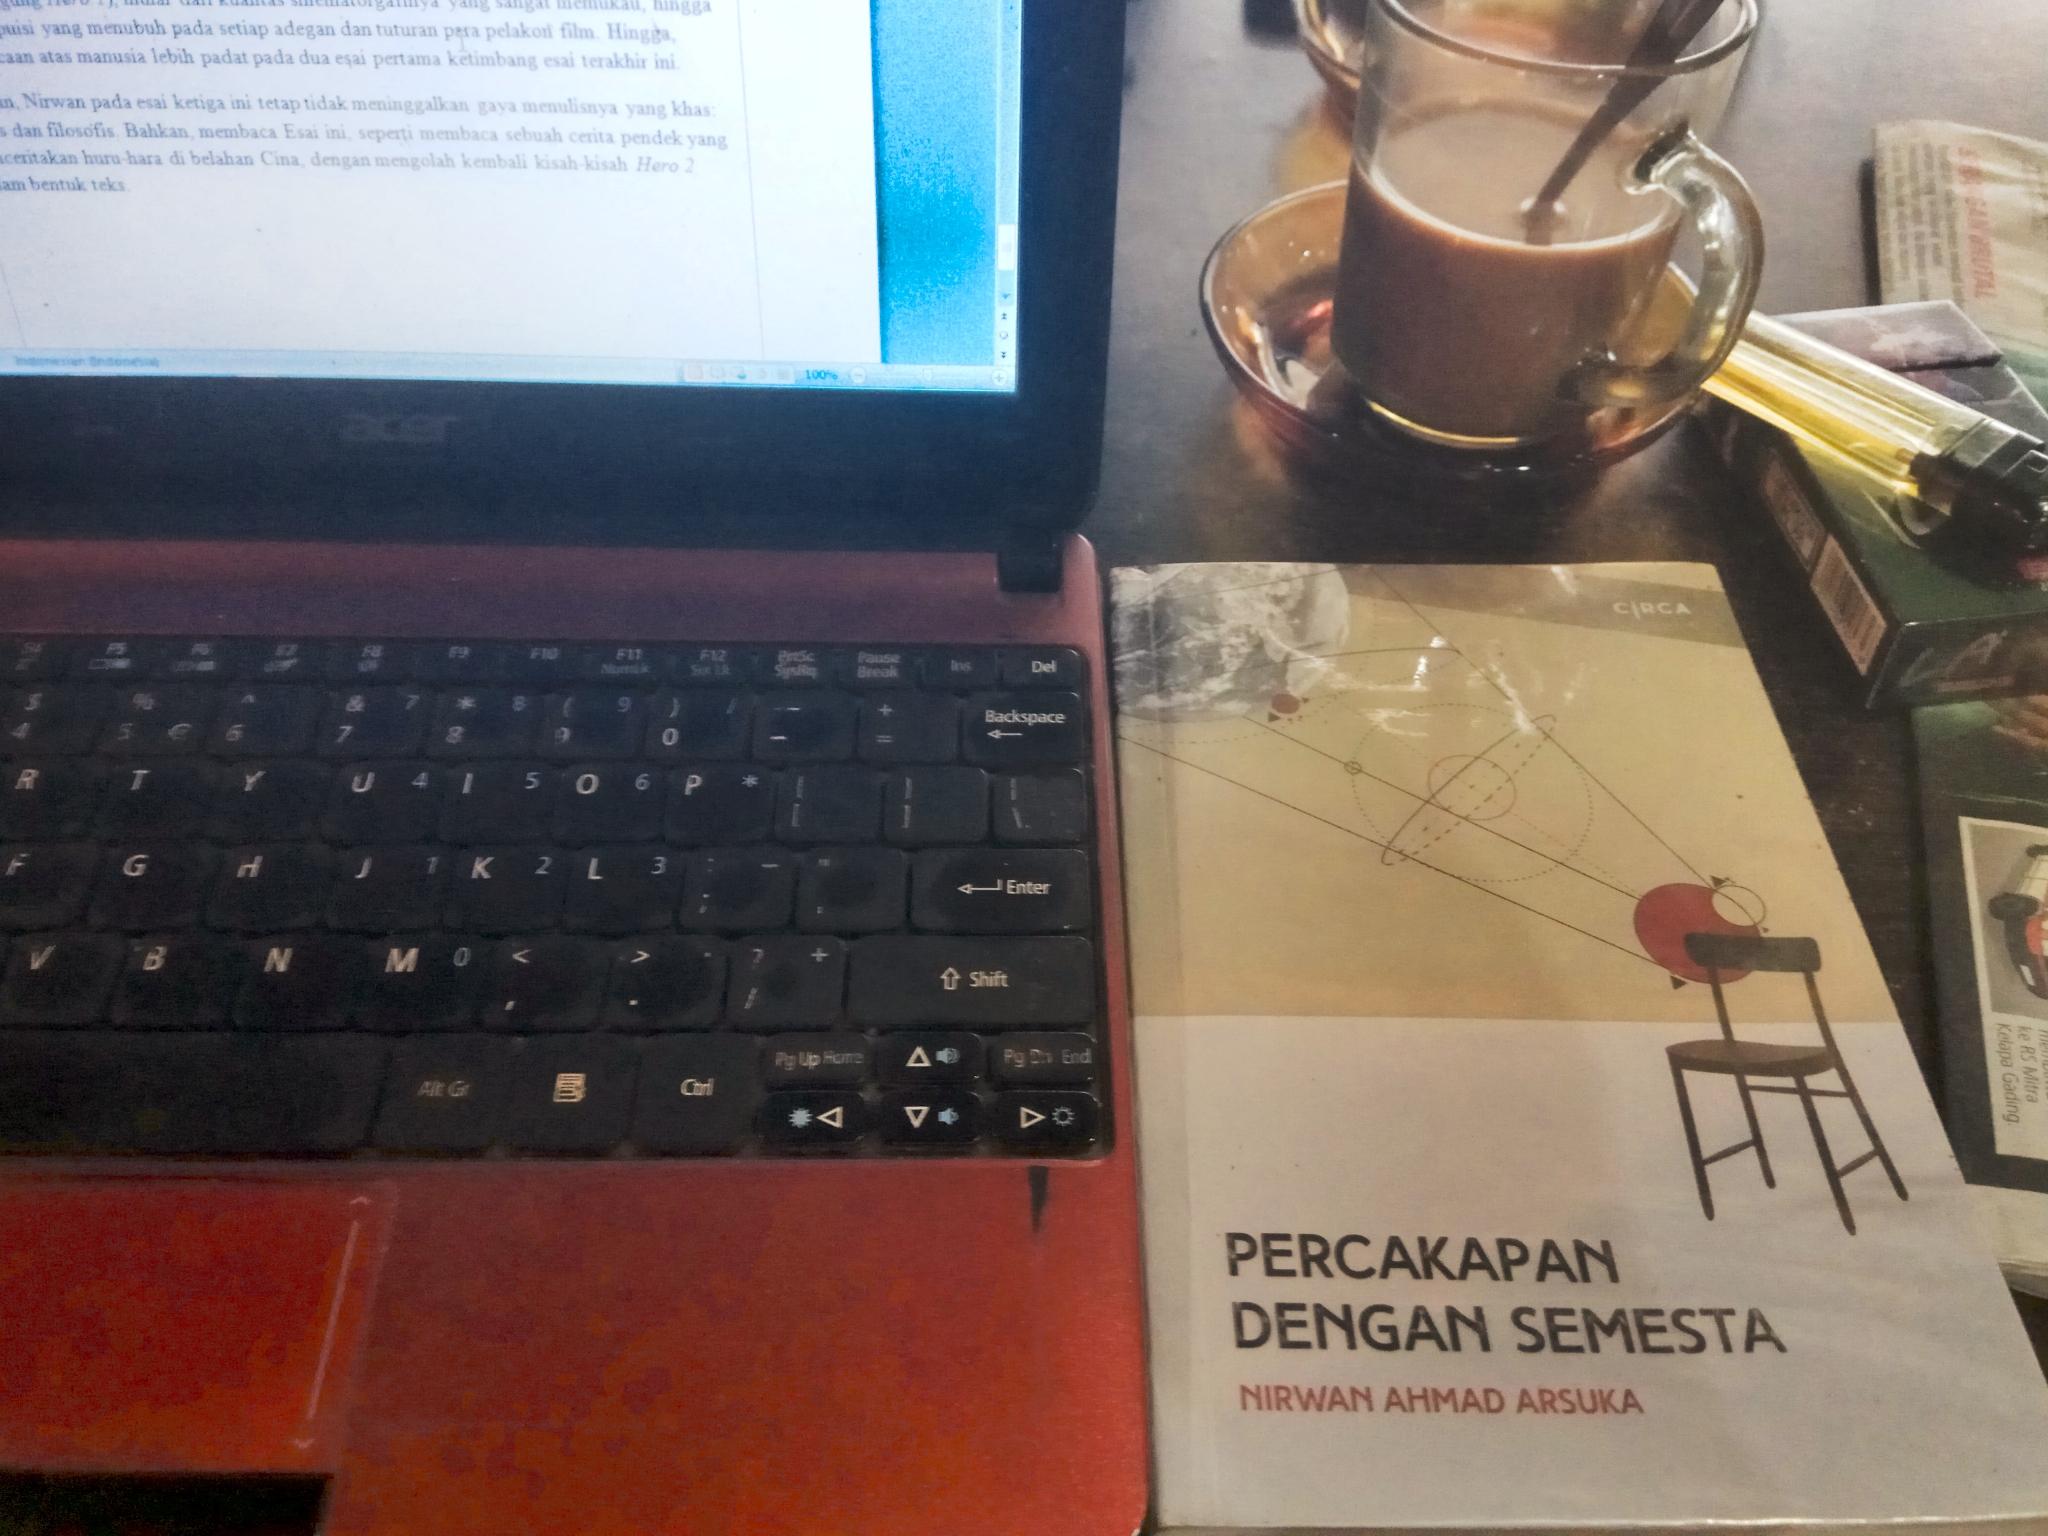 Membaca Manusia Secara Filosofis tapi Puitis ala Nirwan Ahmad Arsuka